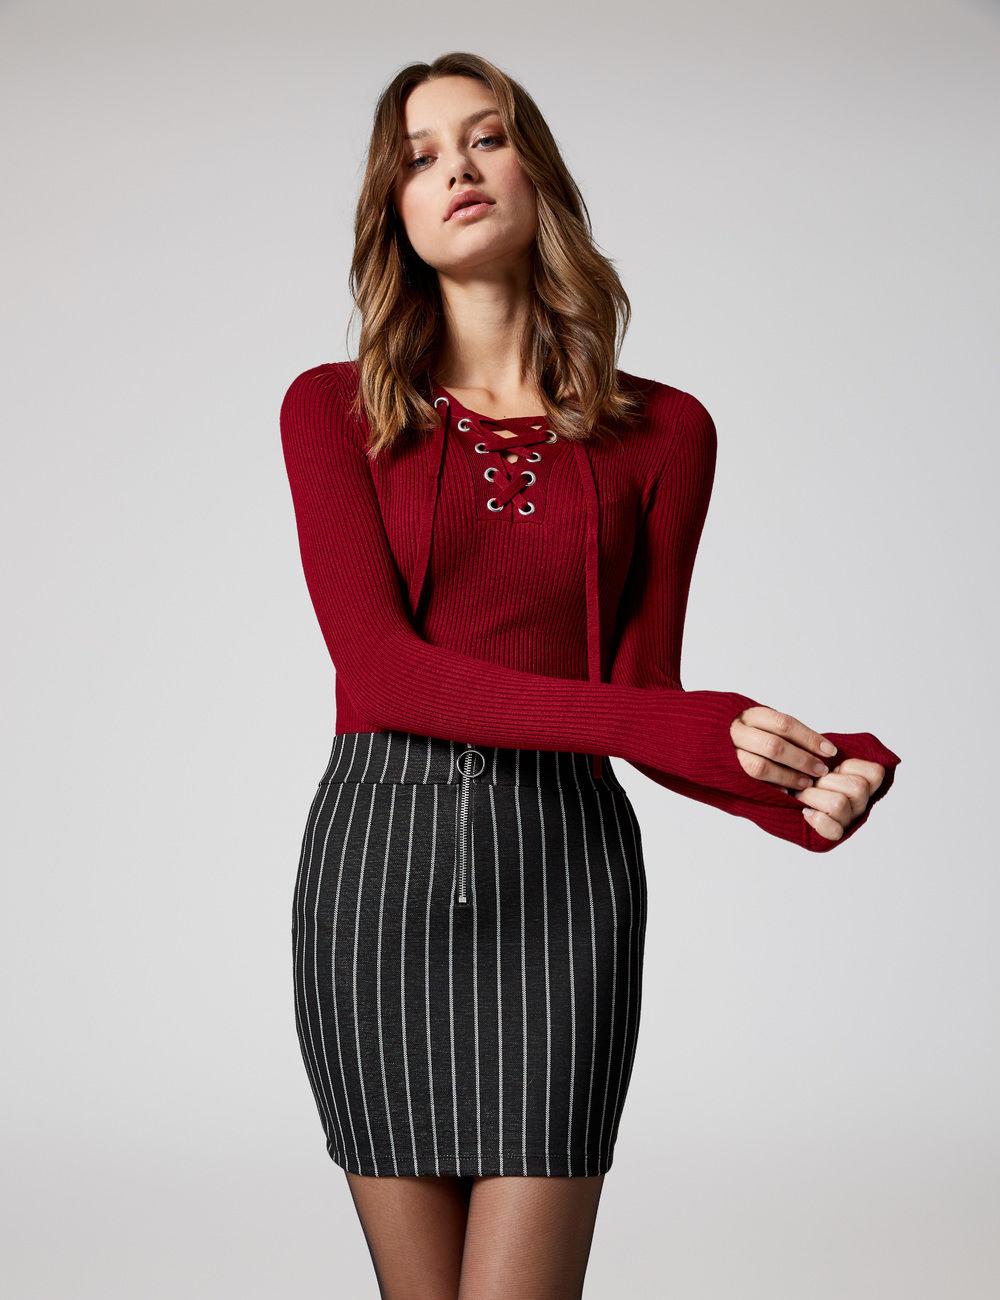 jupe tube rayée et zippée noire et blanche Jennyfer prix 12,99 €